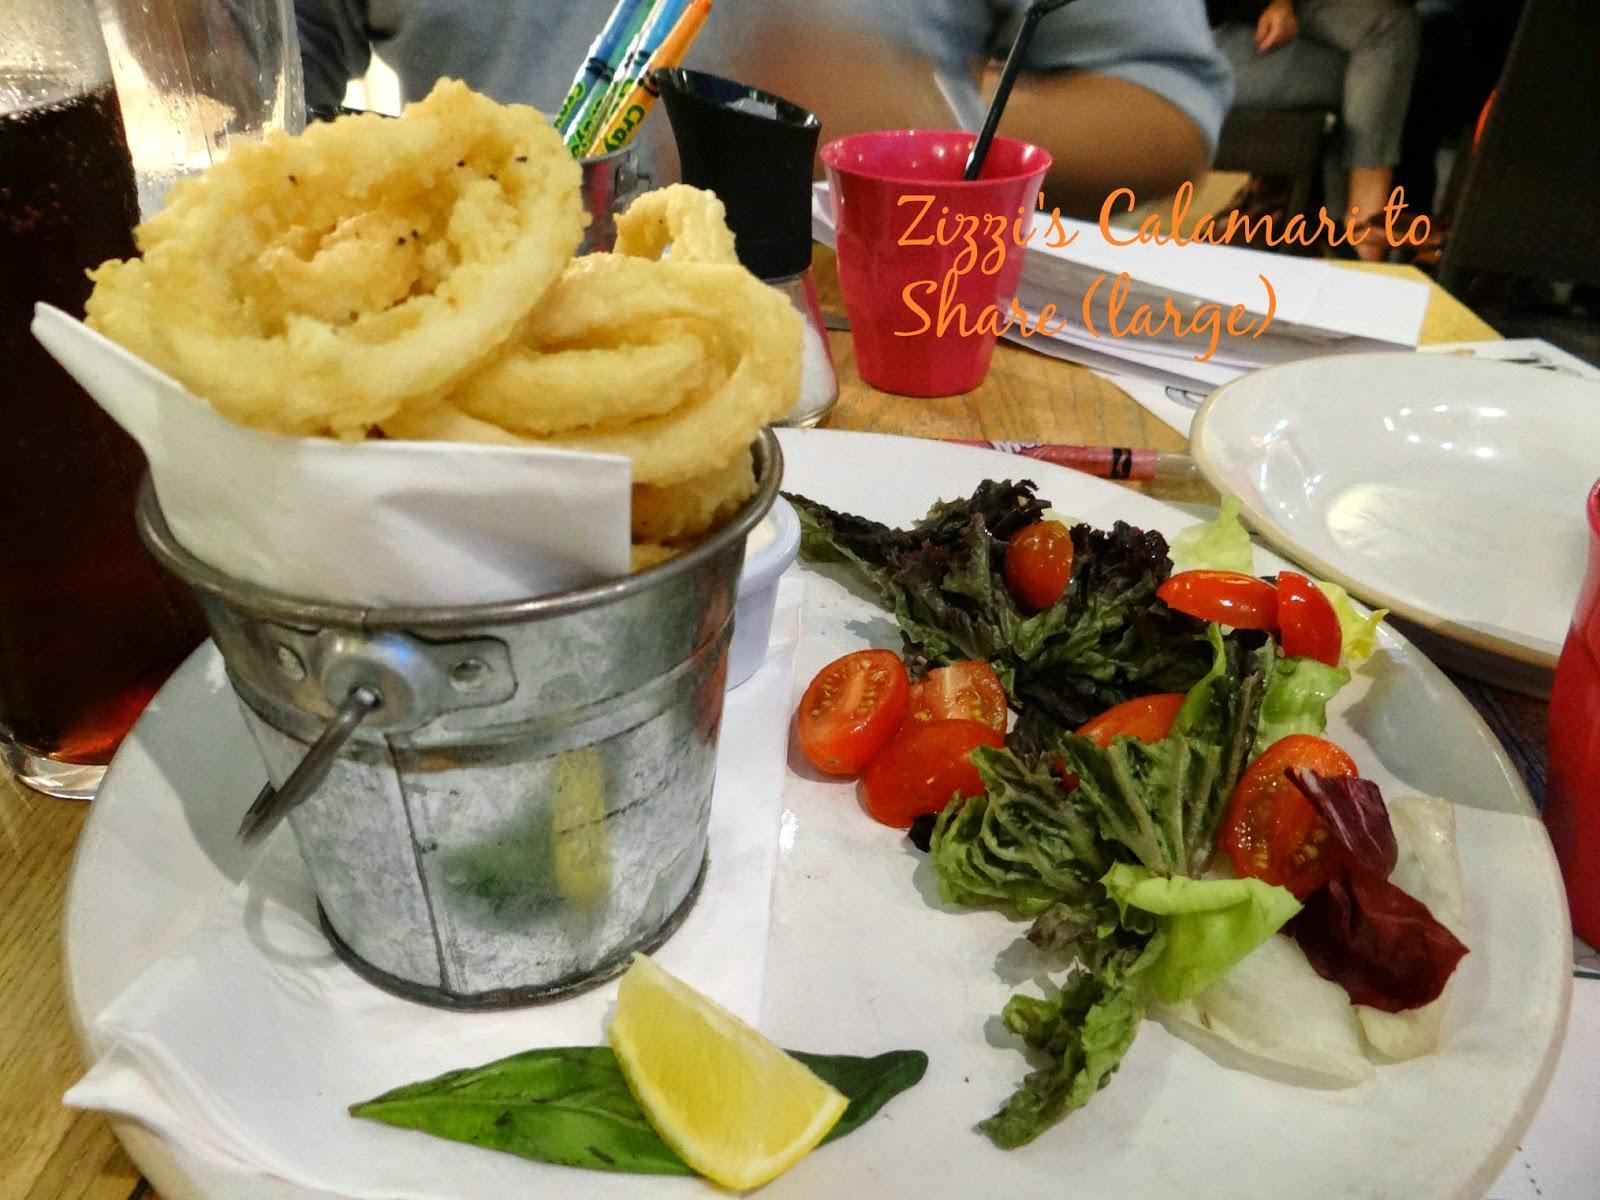 Zizzi Italian Restaurant, Crayola crayons, Italian Food